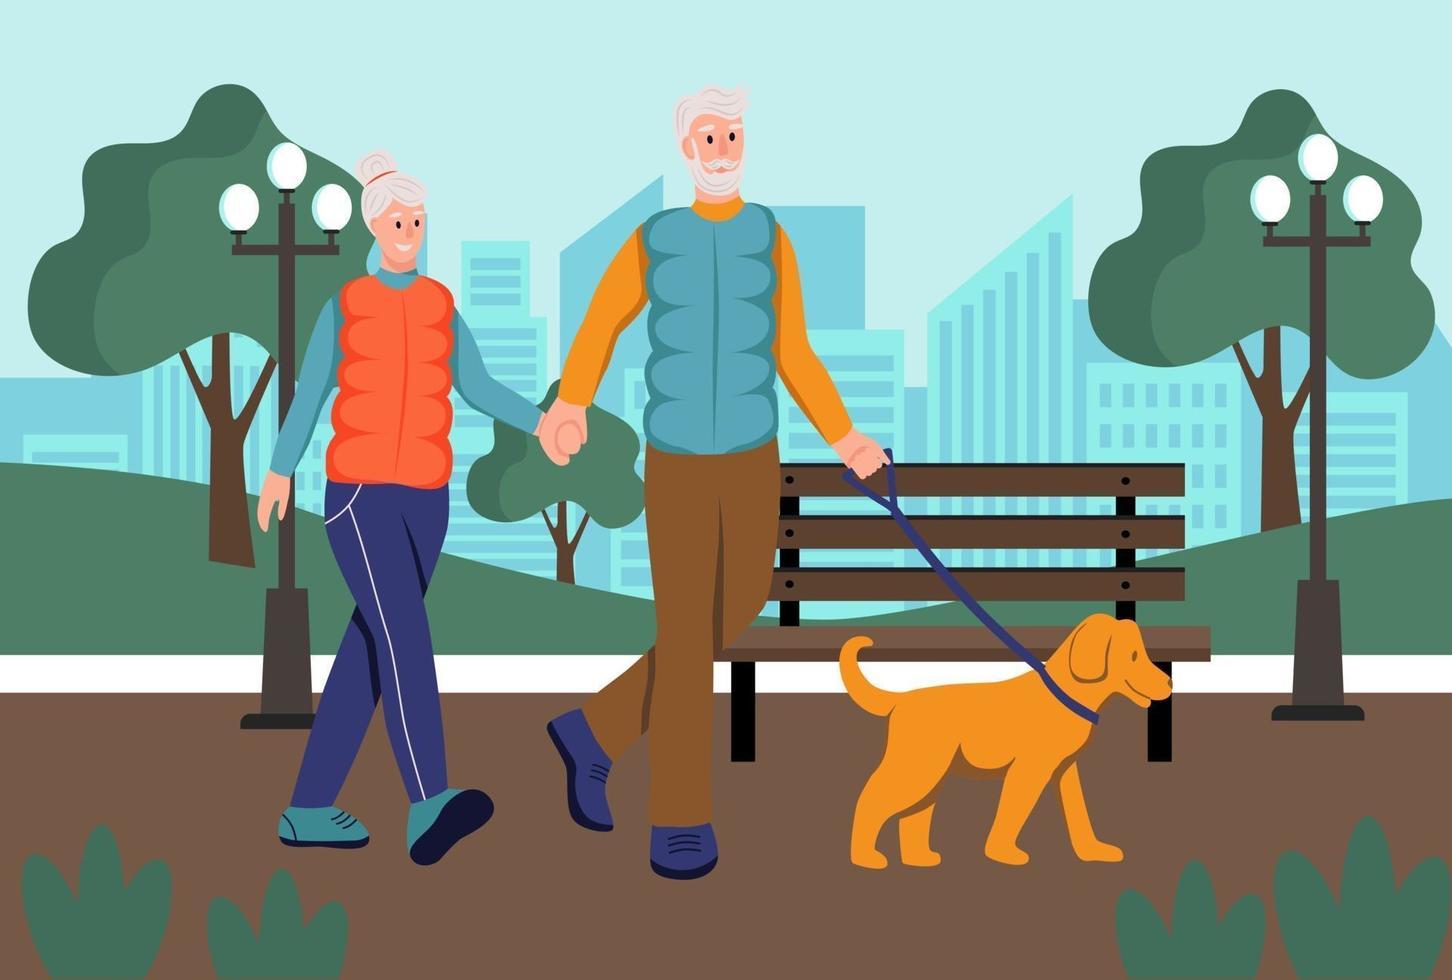 casal de idosos passeando com o cachorro no parque. o conceito de velhice ativa. dia do idoso. ilustração em vetor plana dos desenhos animados.